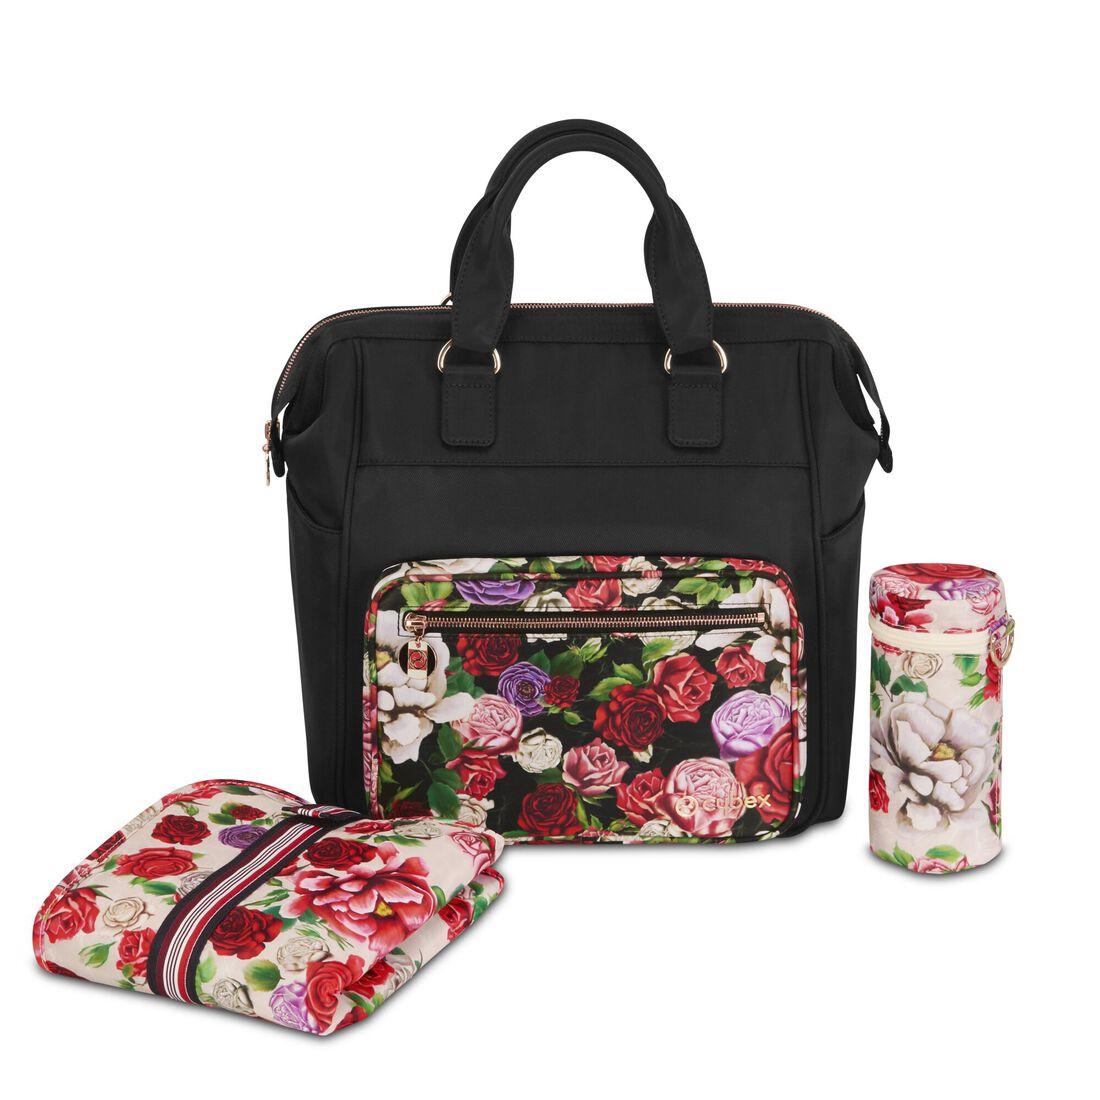 CYBEX Changing Bag Stroller  - Spring Blossom Dark in Spring Blossom Dark large image number 4